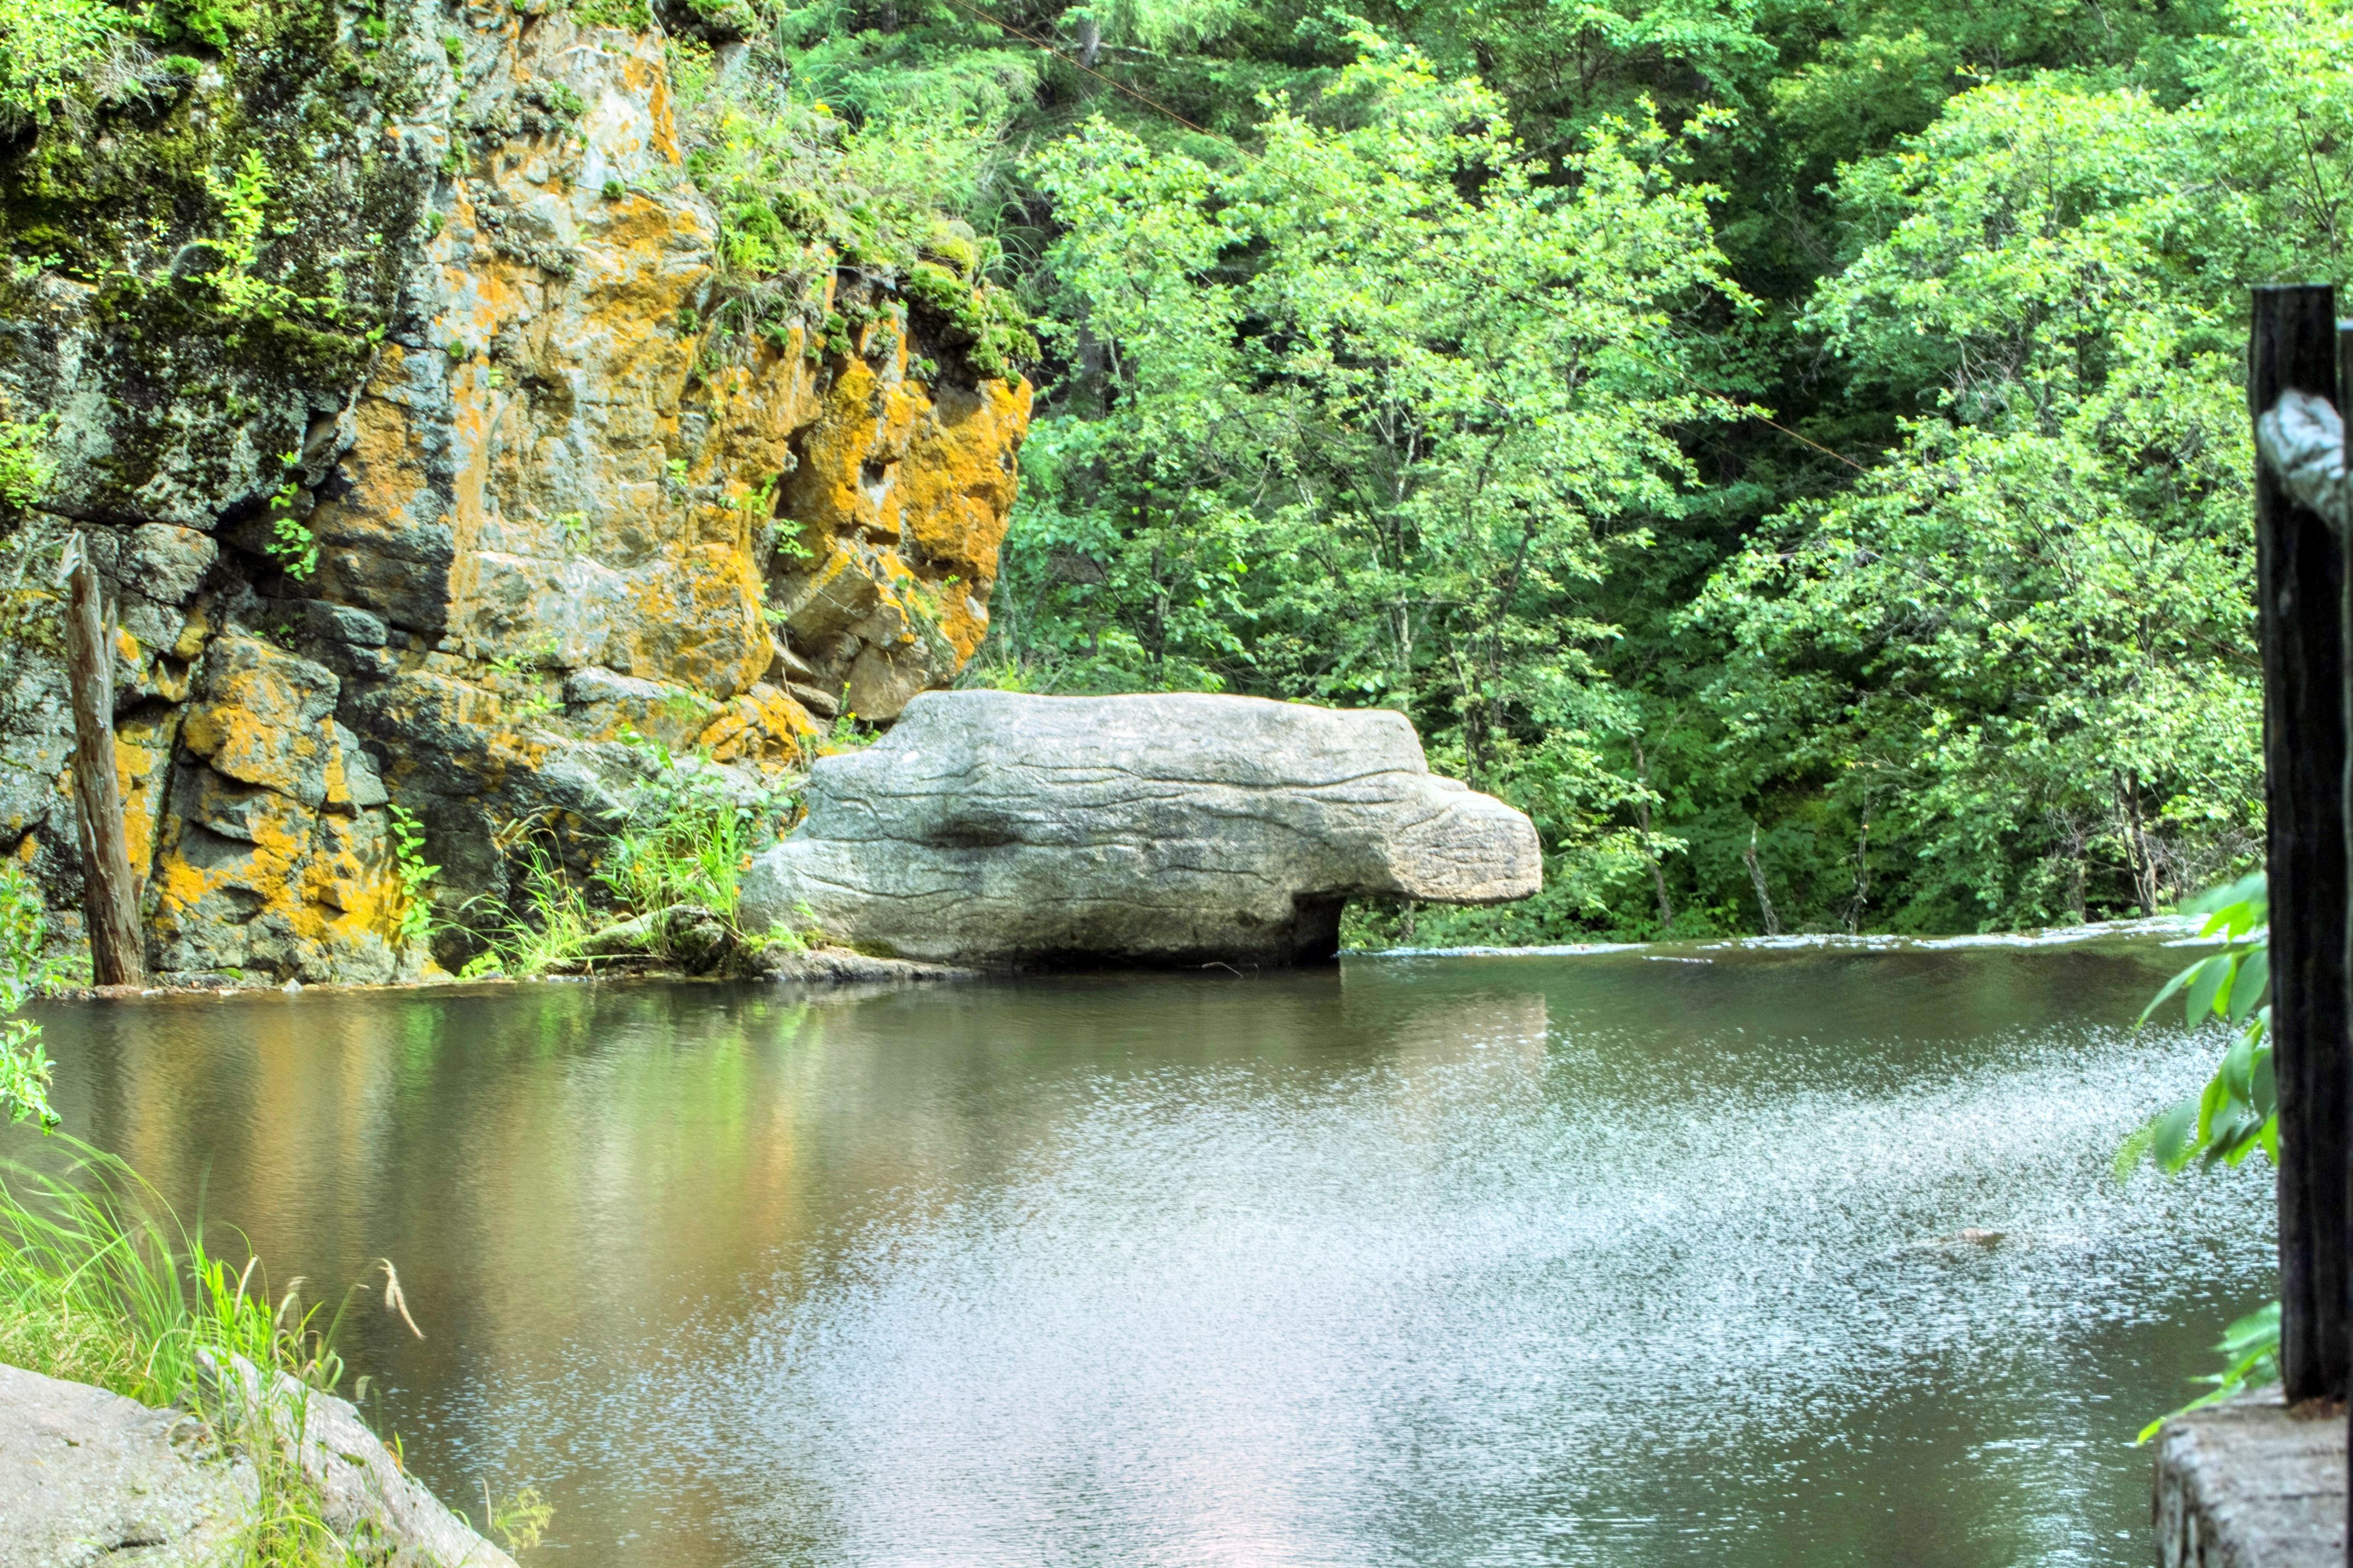 Maolangou National Park